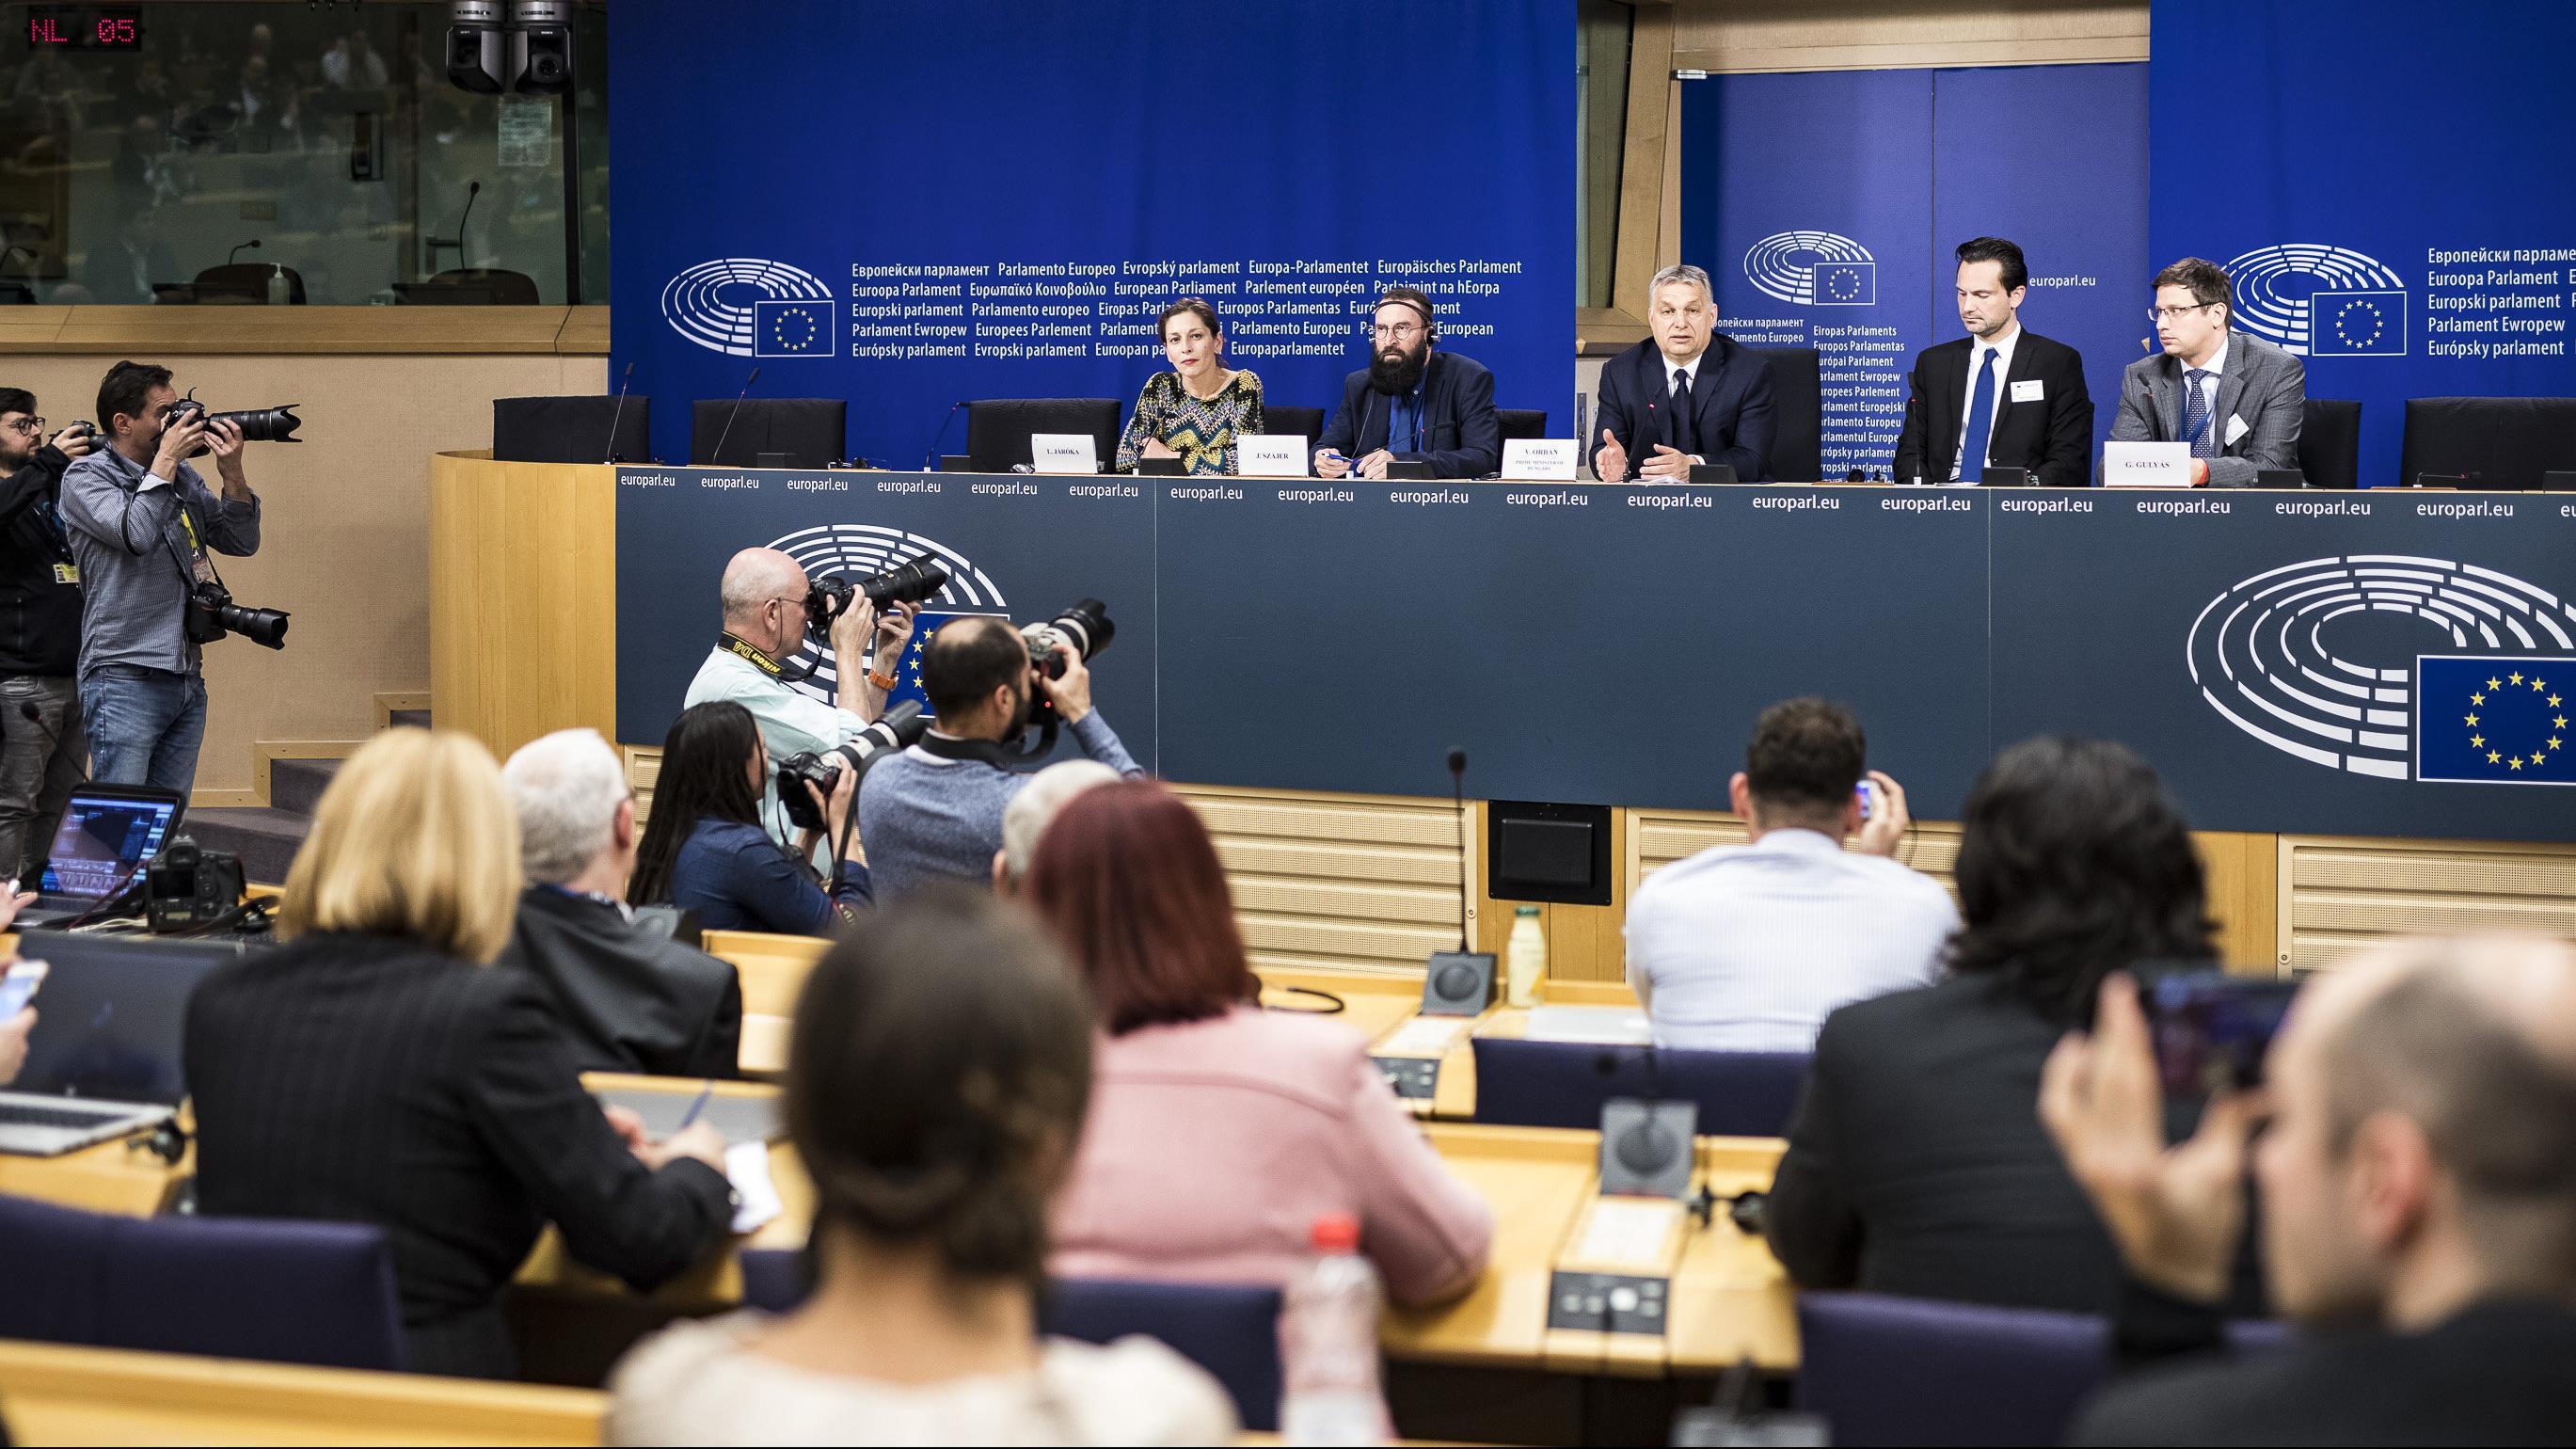 Óriási győzelem a Fidesznek, óriási vereség a bevándorláspárti erőknek